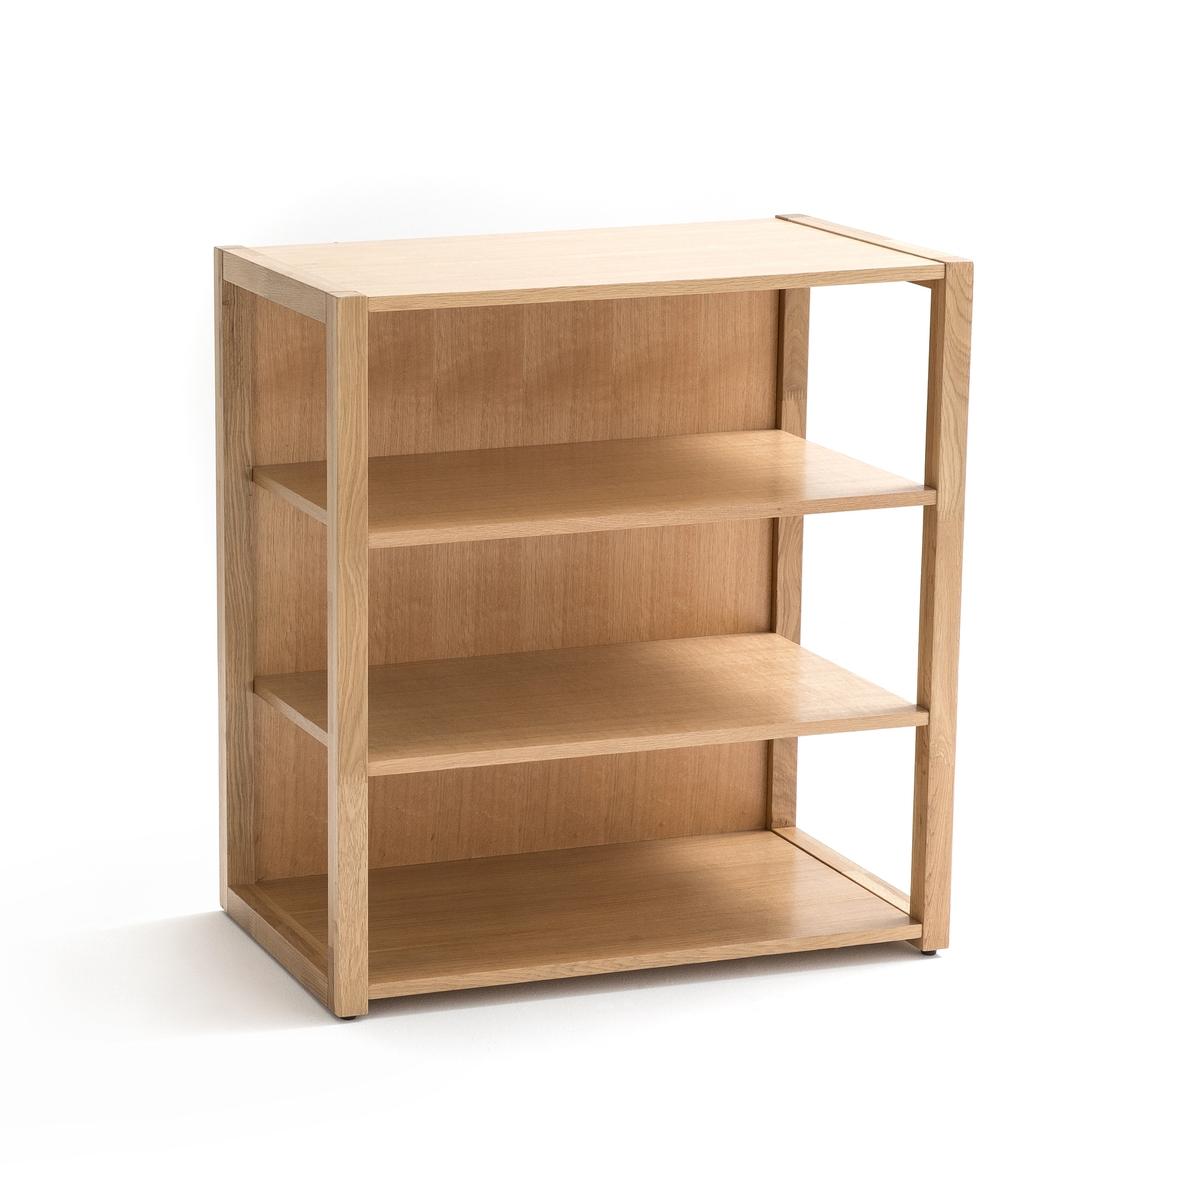 Мебель для хранения обуви COMPOМебель для хранения обуви Compo. Идеальный предмет мебели для хранения обуви в прихожей.Характеристики мебели для хранения обуви Compo :3 полки.Каркас из массива дуба, полки и задняя панель из дубовой МДФ.- Отделка нитроцеллюлозным лаком.Другие модели коллекции Compo Вы найдете на laredoute.ruОбщие размеры мебели для хранения обуви Compo : Длина 70 см Глубина 40 см. Высота 75 см.Размеры и вес упаковки:1 упаковка.Вес  22,3 кгРазмеры коробки 90,5 x 85 x В.13,5 см..Доставка :Мебель для хранения обуви Compo доставляется в разобранном виде.  Возможна доставка до квартиры по предварительной  договоренности!Внимание ! Убедитесь, что посылку возможно доставить на дом, учитывая ее габариты.<br><br>Цвет: дуб